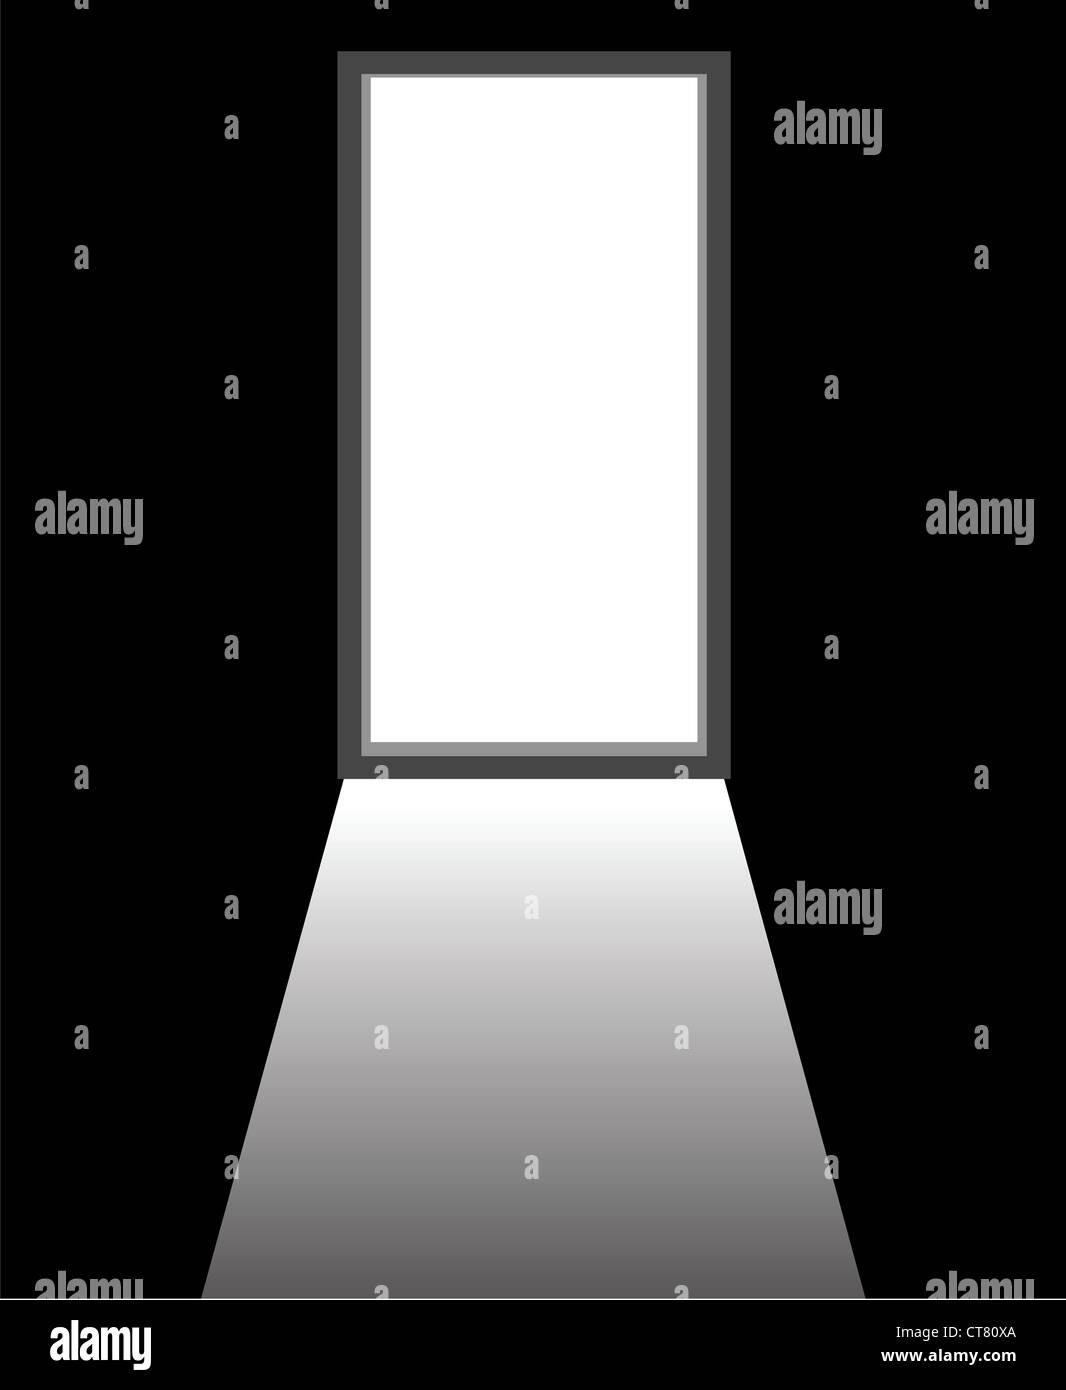 Open Door Dark Room an open door of a dark room stock photo, royalty free image